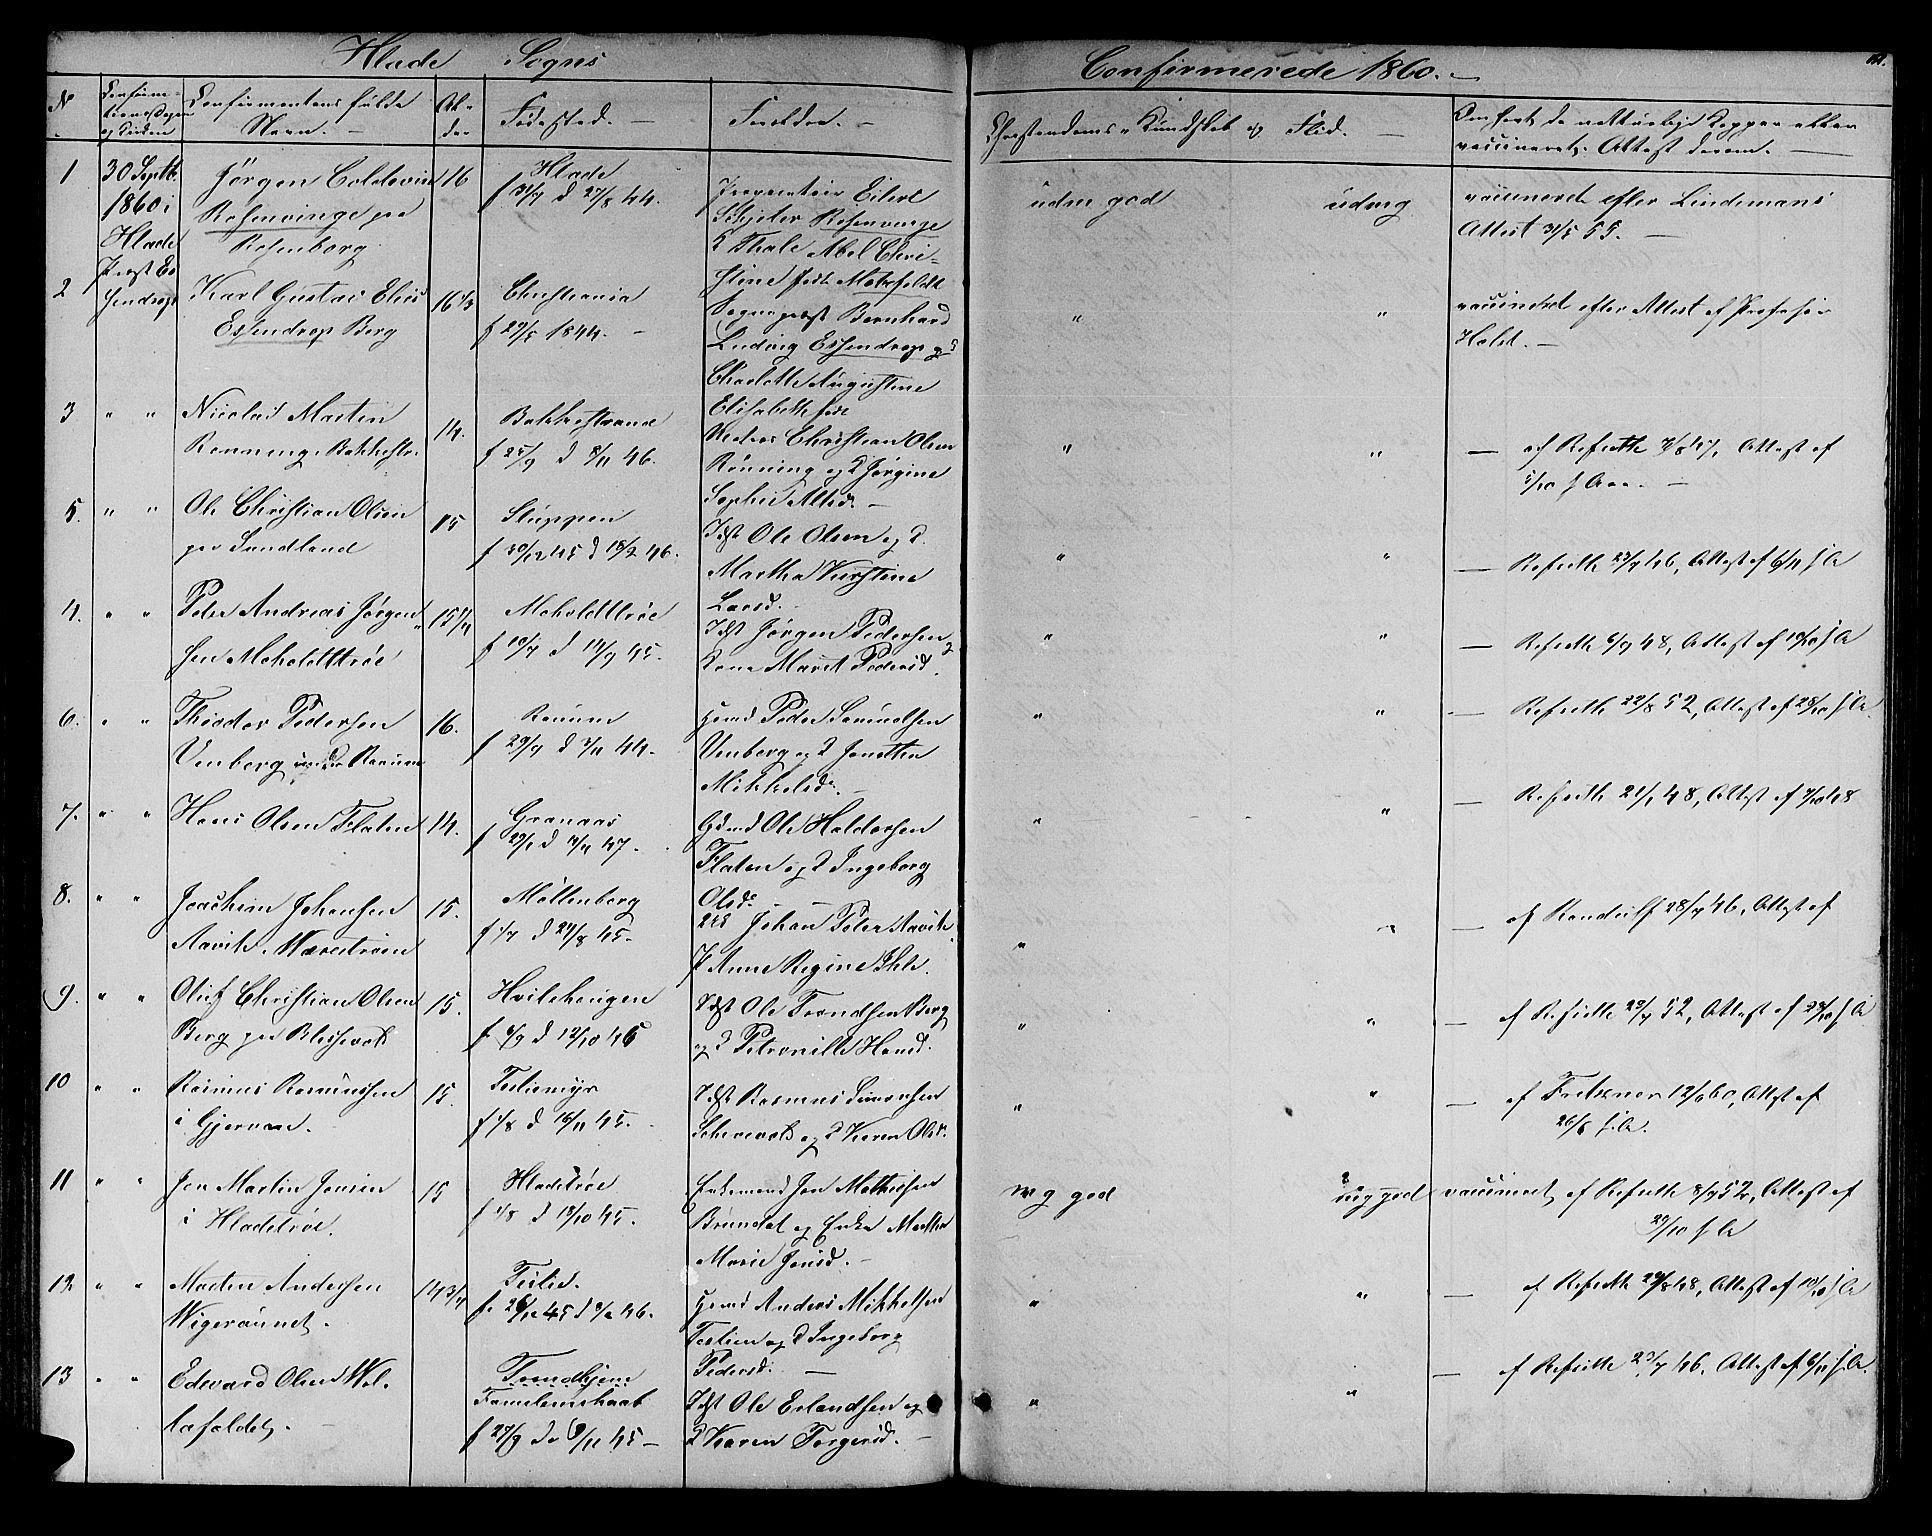 SAT, Ministerialprotokoller, klokkerbøker og fødselsregistre - Sør-Trøndelag, 606/L0311: Klokkerbok nr. 606C07, 1860-1877, s. 151